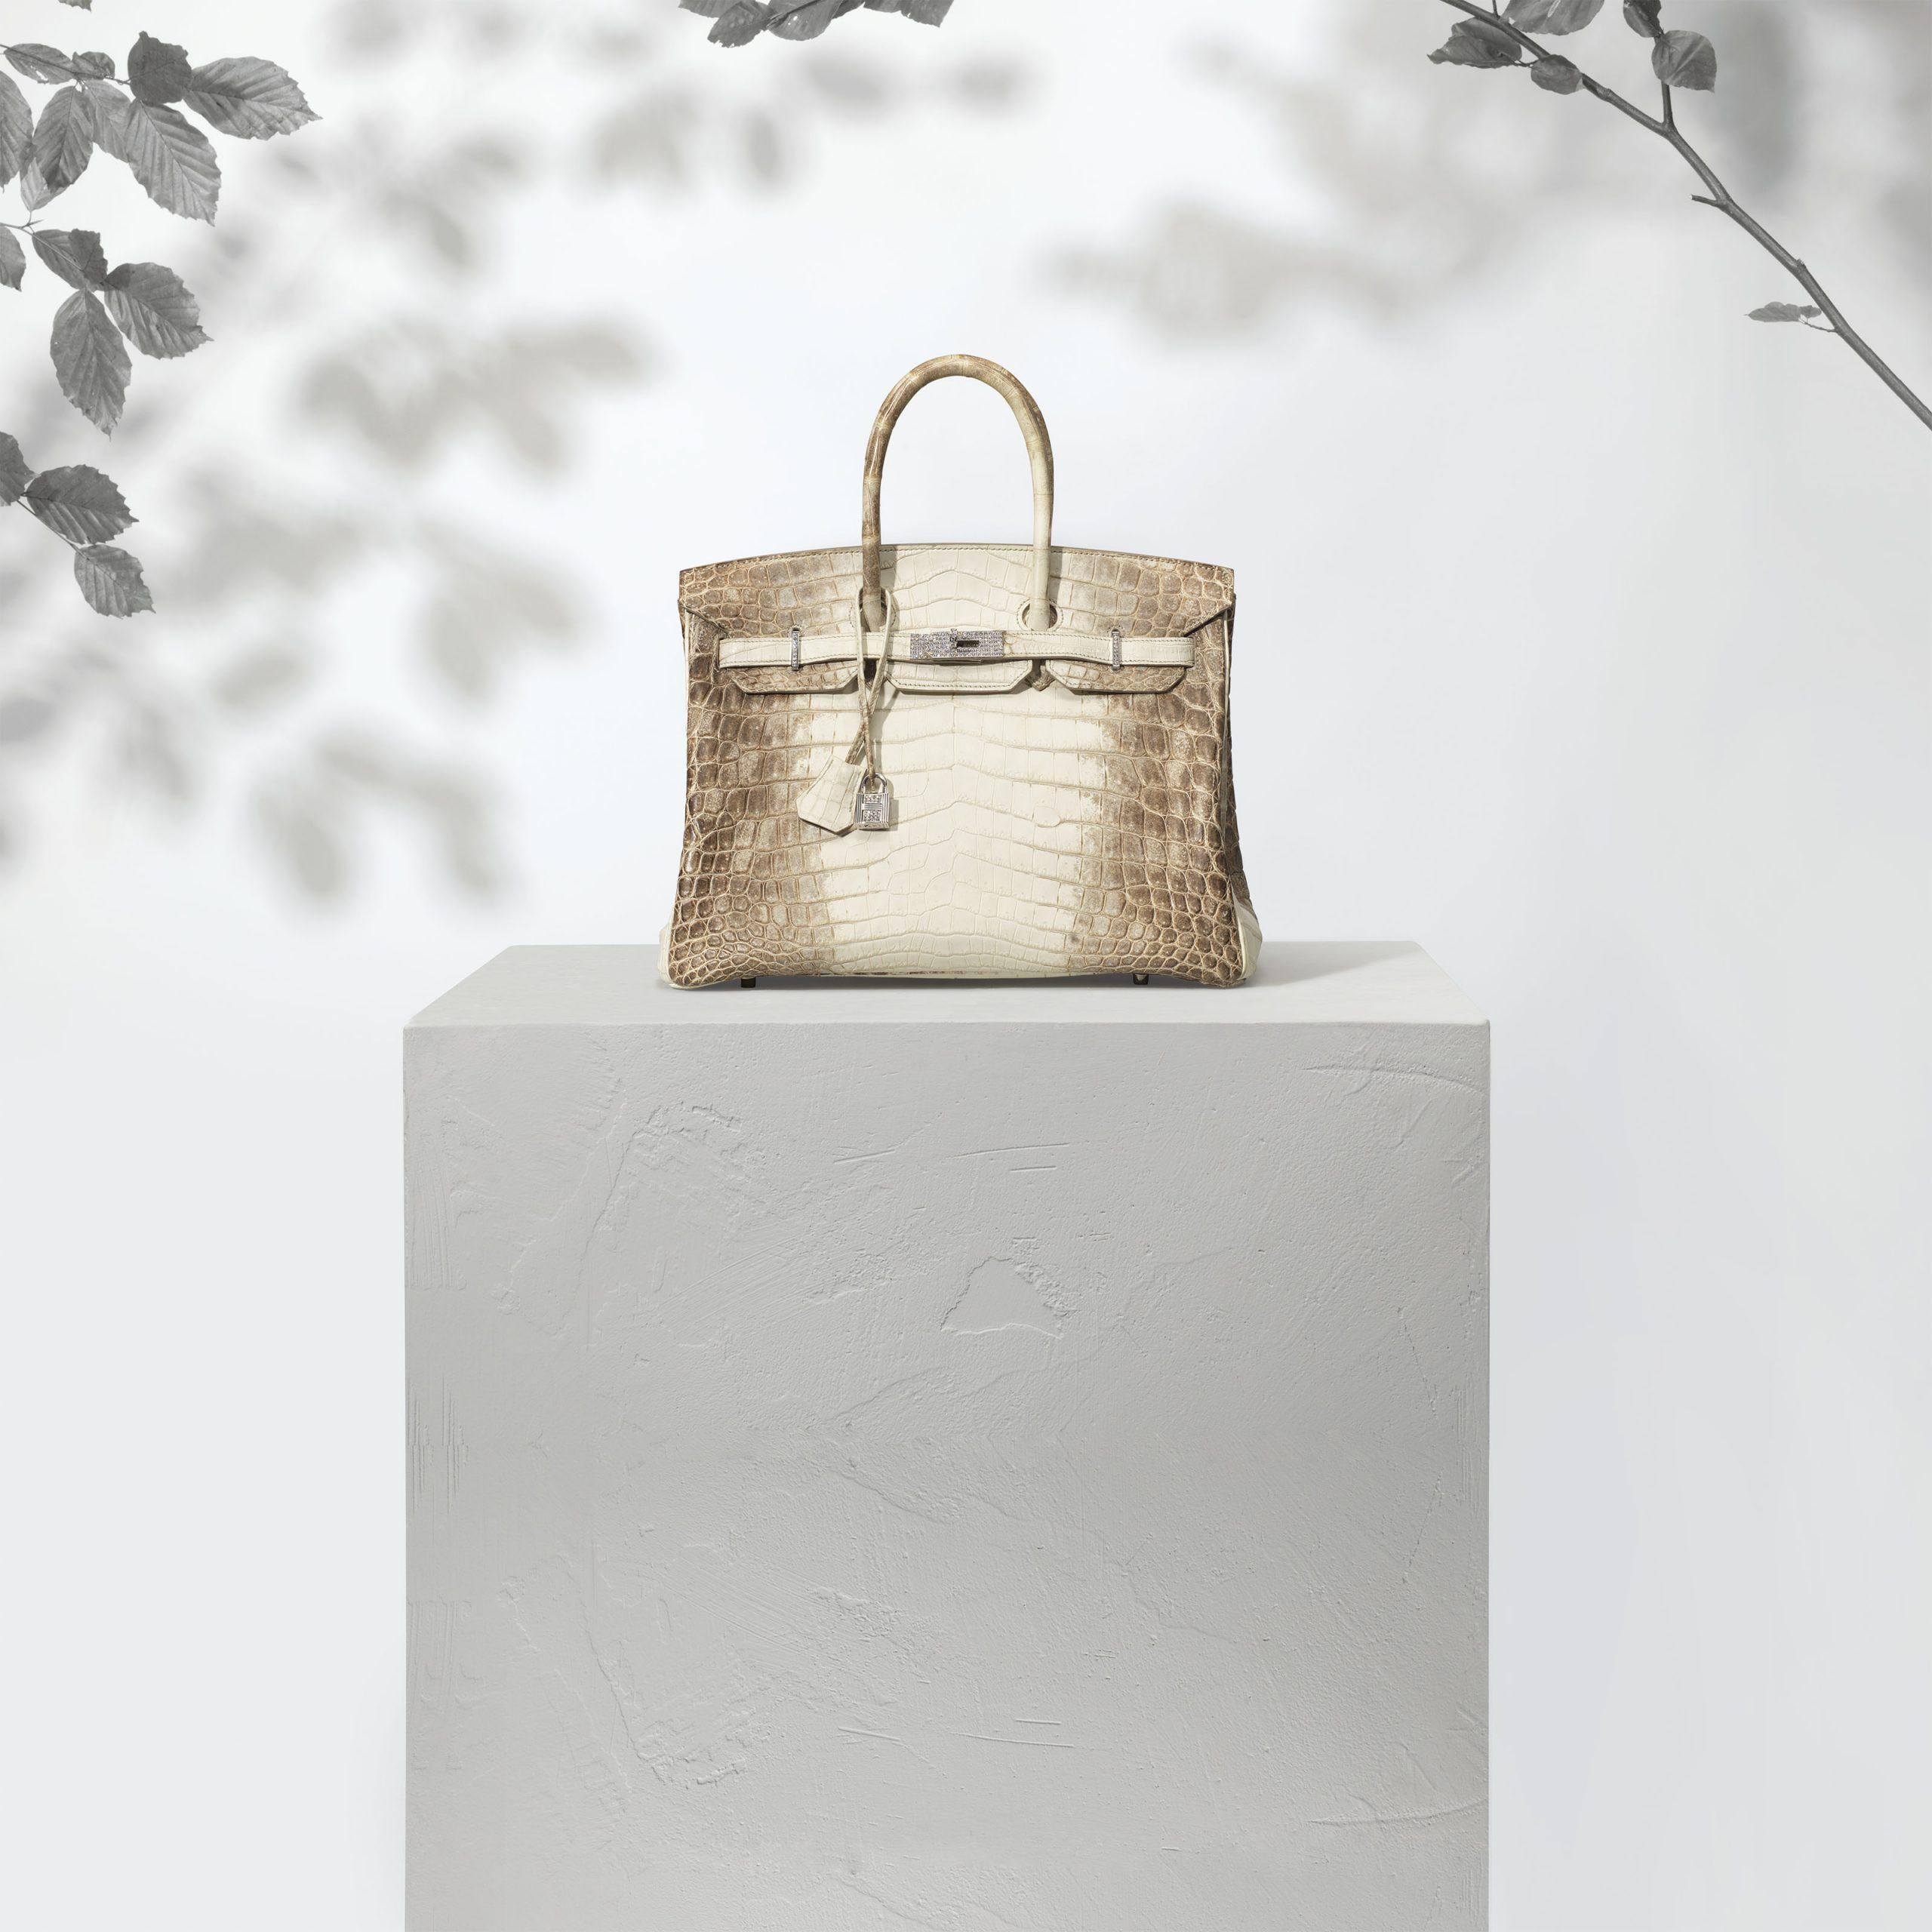 Quand les marques de luxe récupèrent le vintage